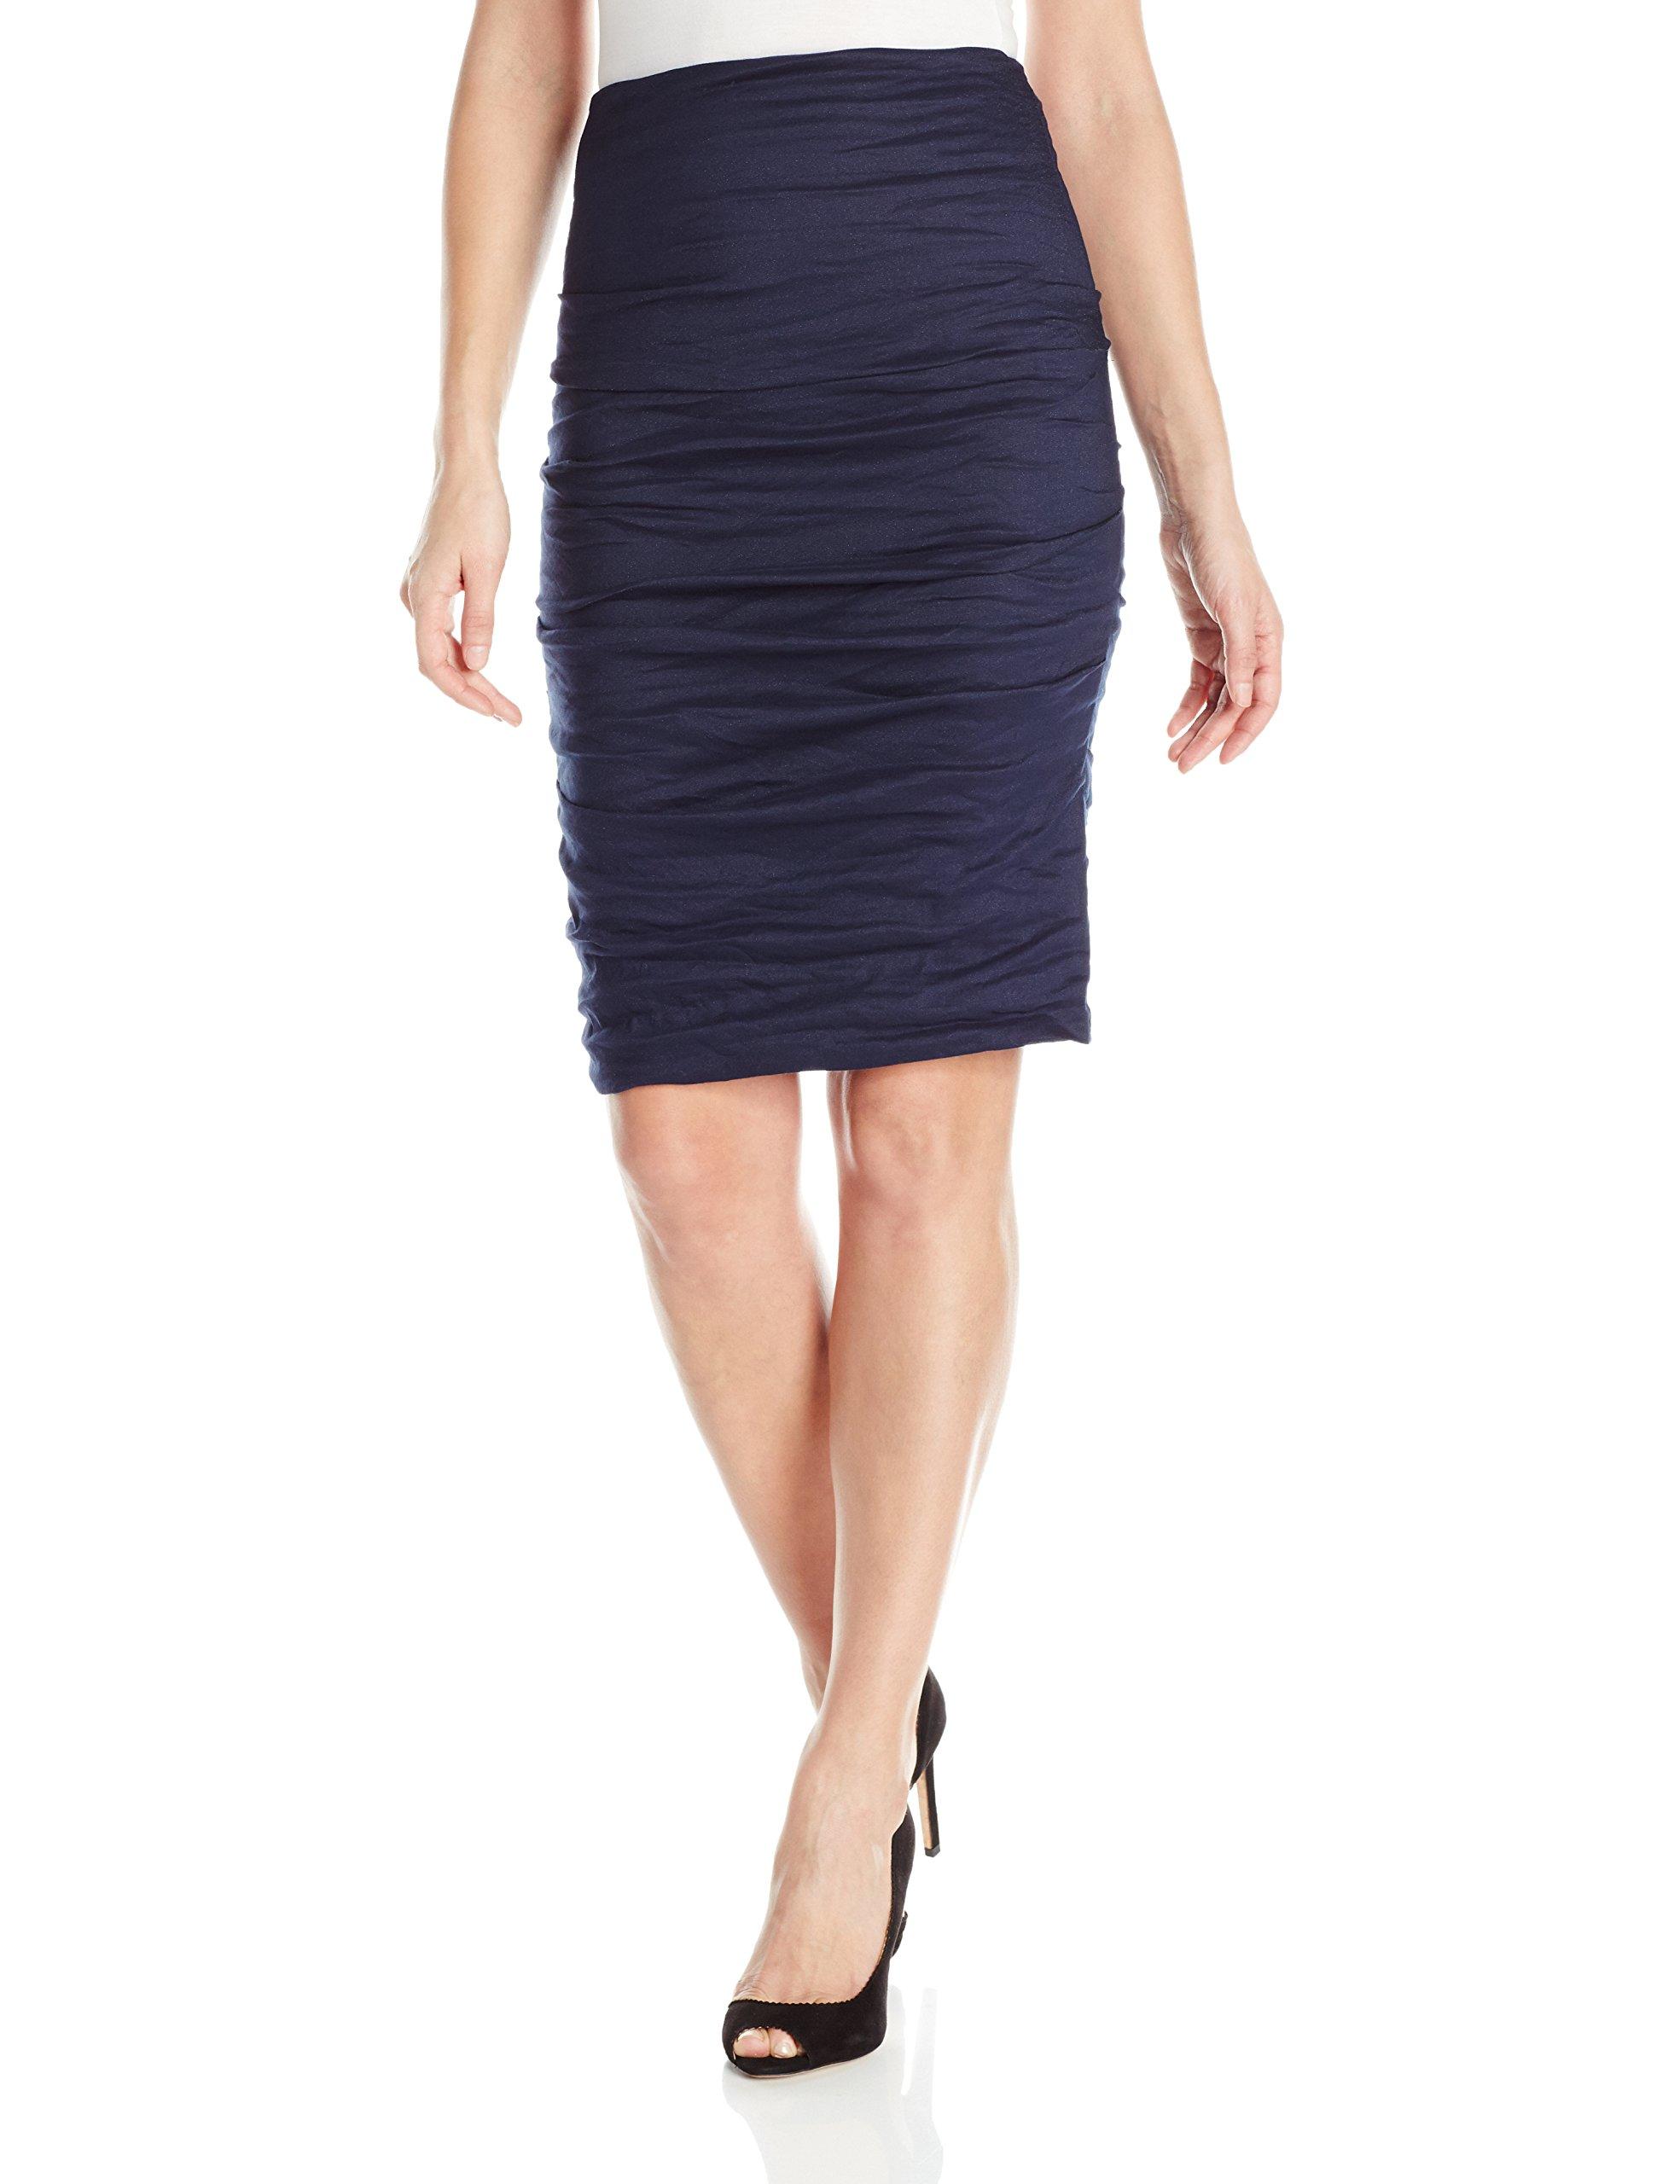 Nicole Miller Women's Sandy Metal Pencil Skirt, Navy/Navy, 0